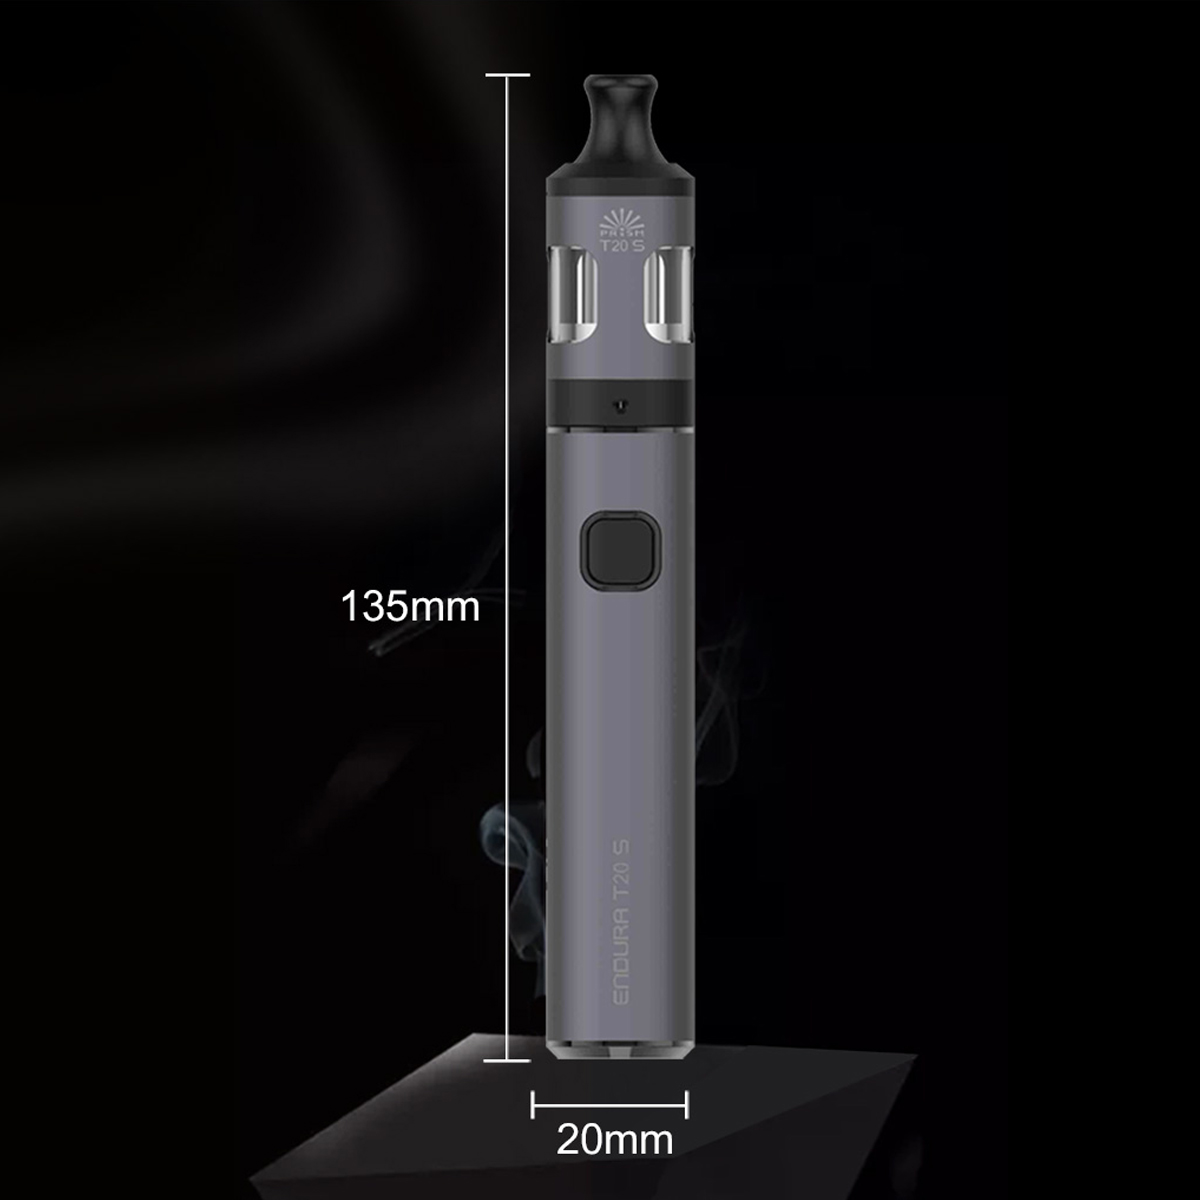 INNOKIN Endura T20-S 2ml Rosa - 1500mAh